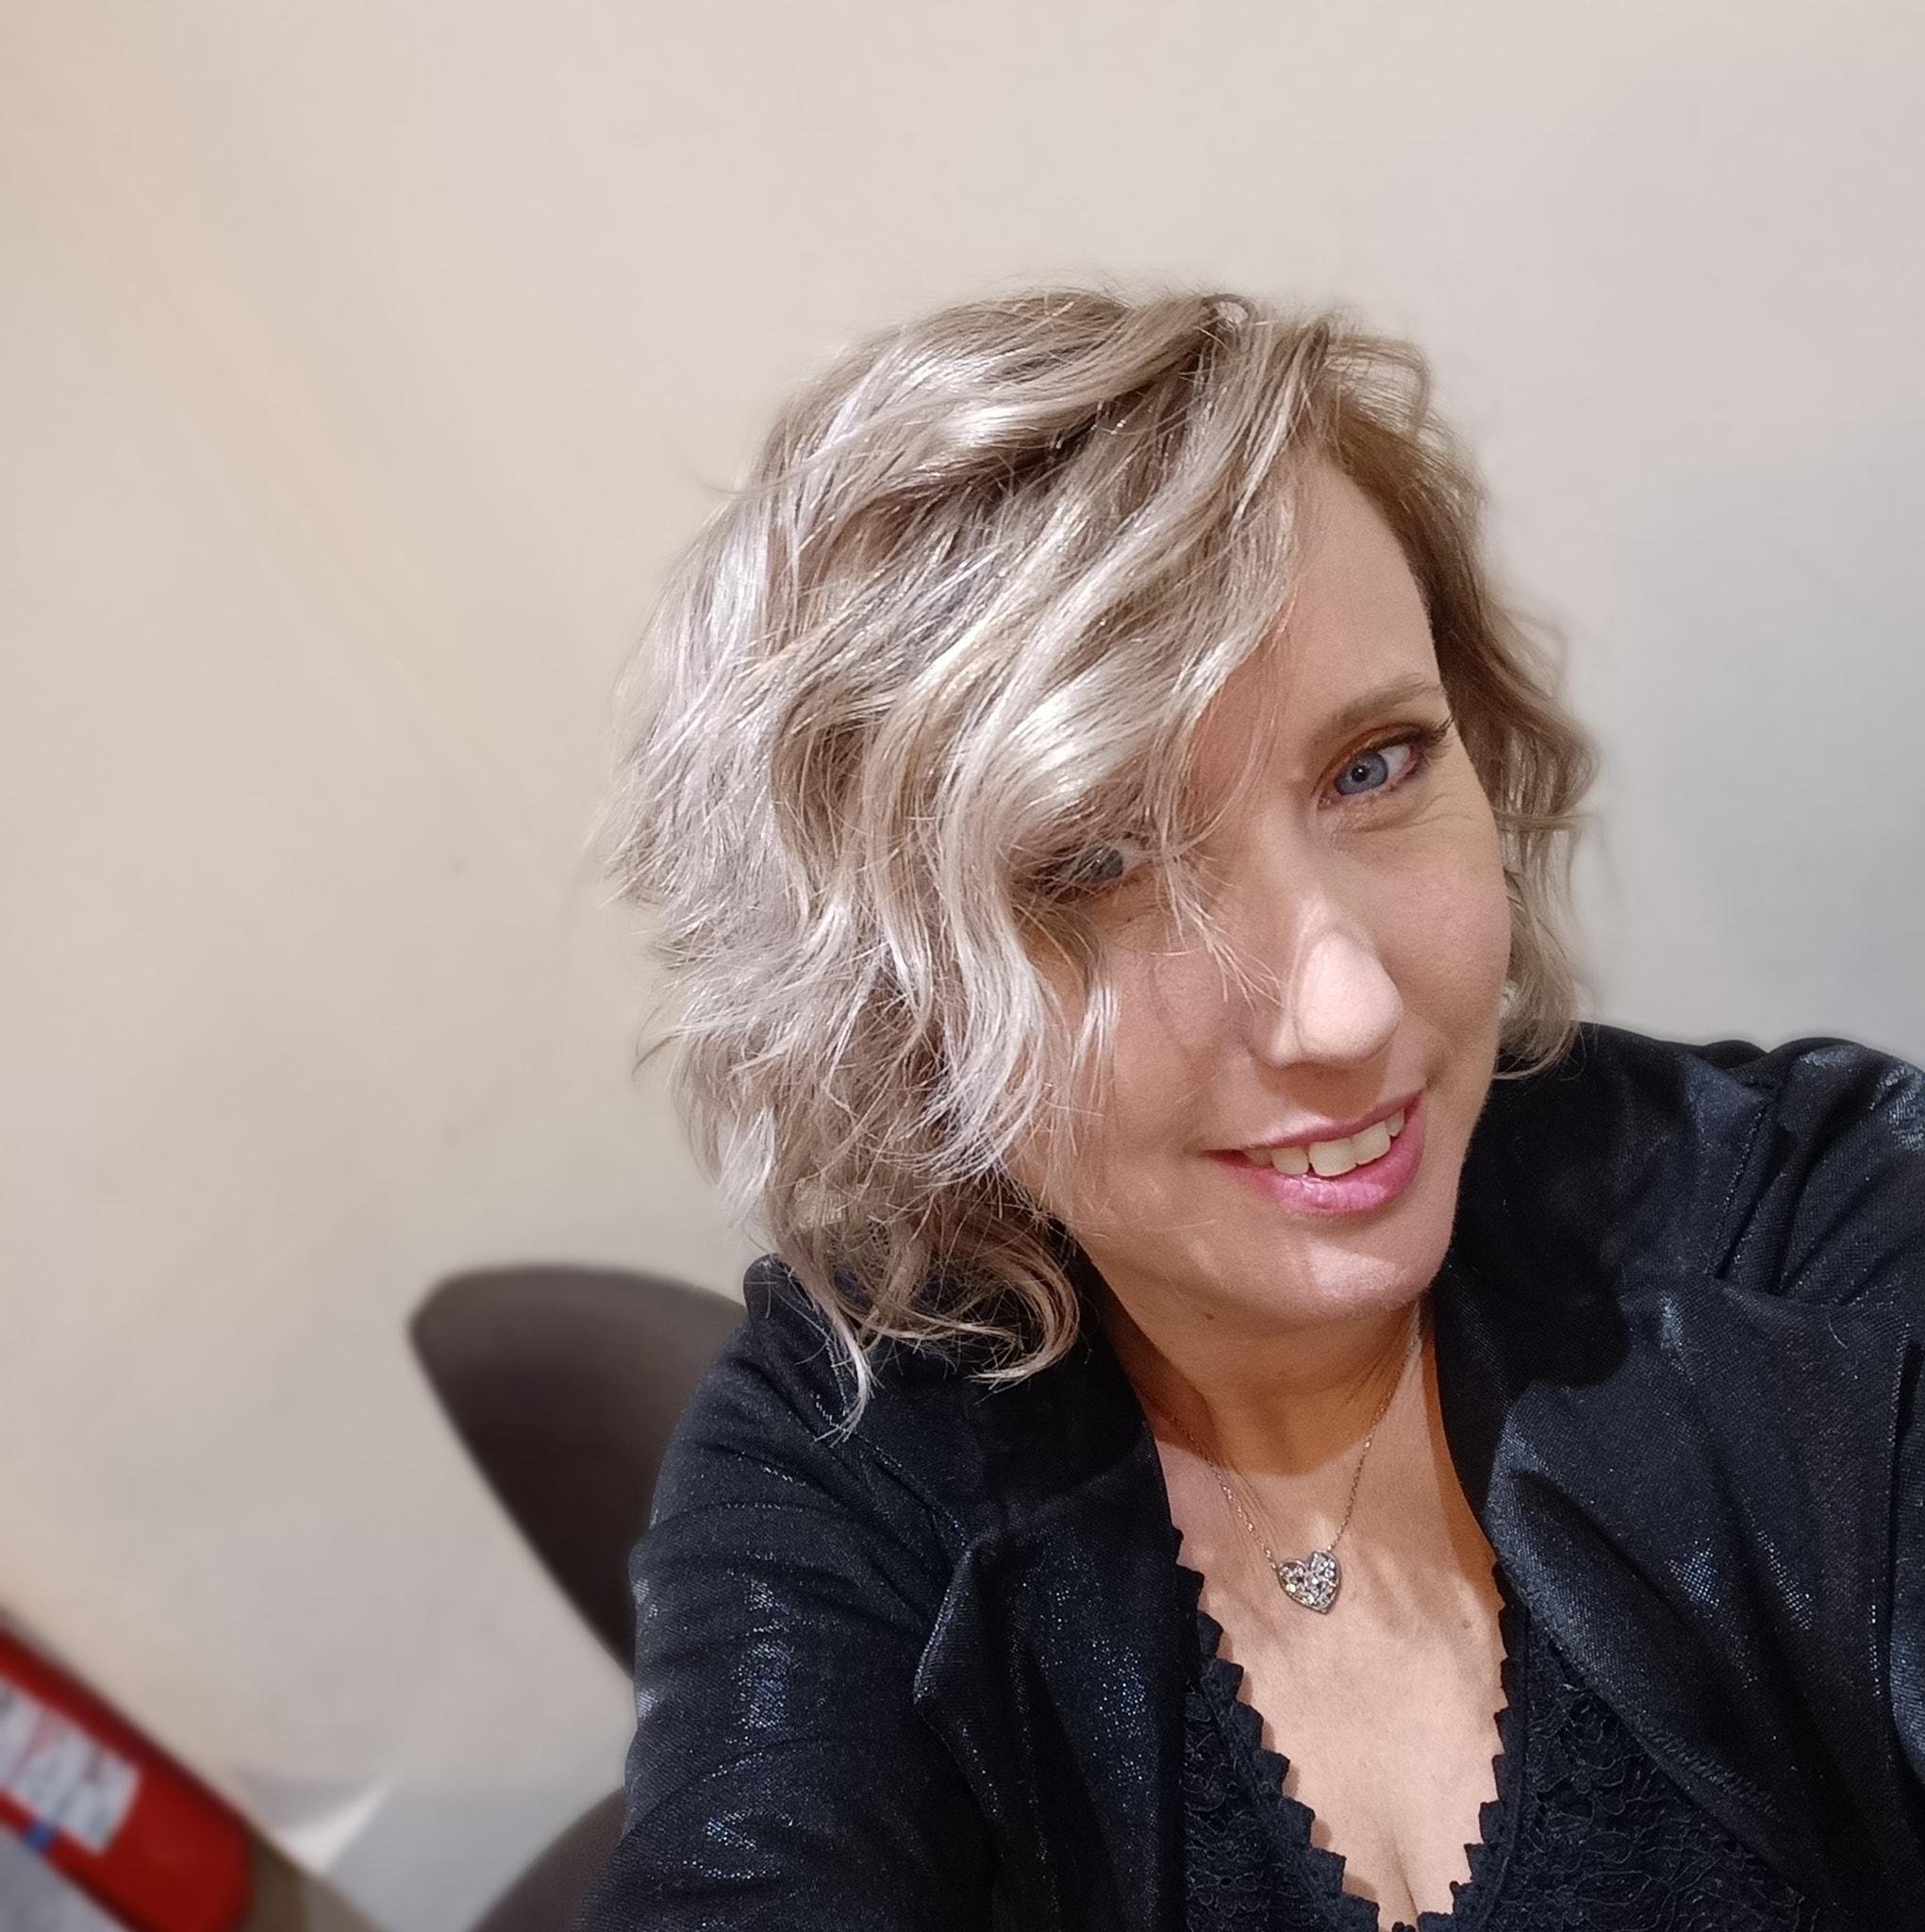 leslie azur hairstylist coiffure